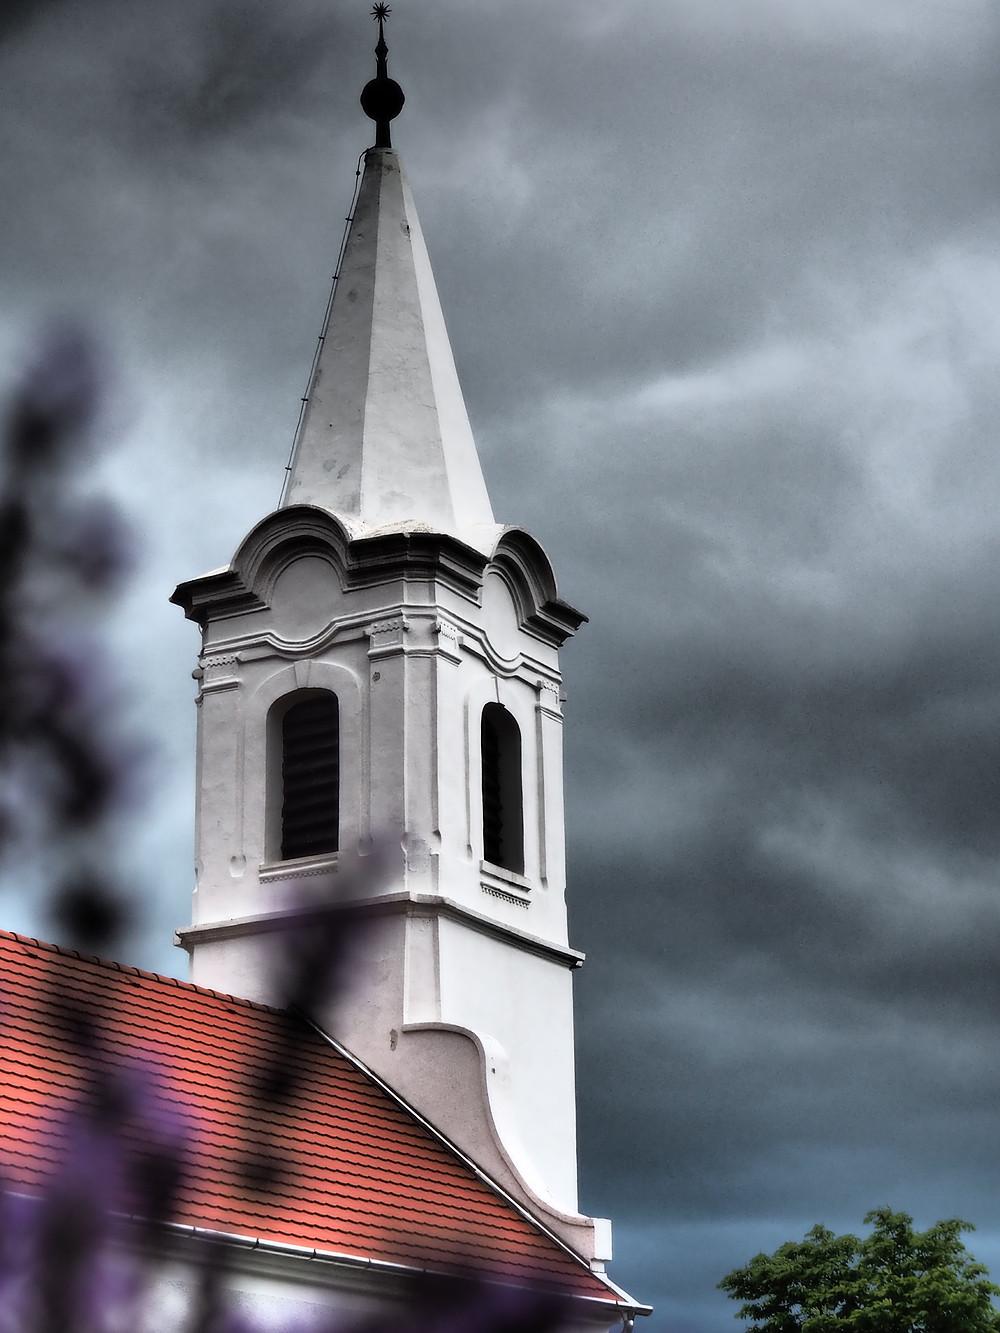 Balatonudvari egyik fehér templomtornya, egy egy nyári vihar sötét felhőivel a háttérben • Saját fotó